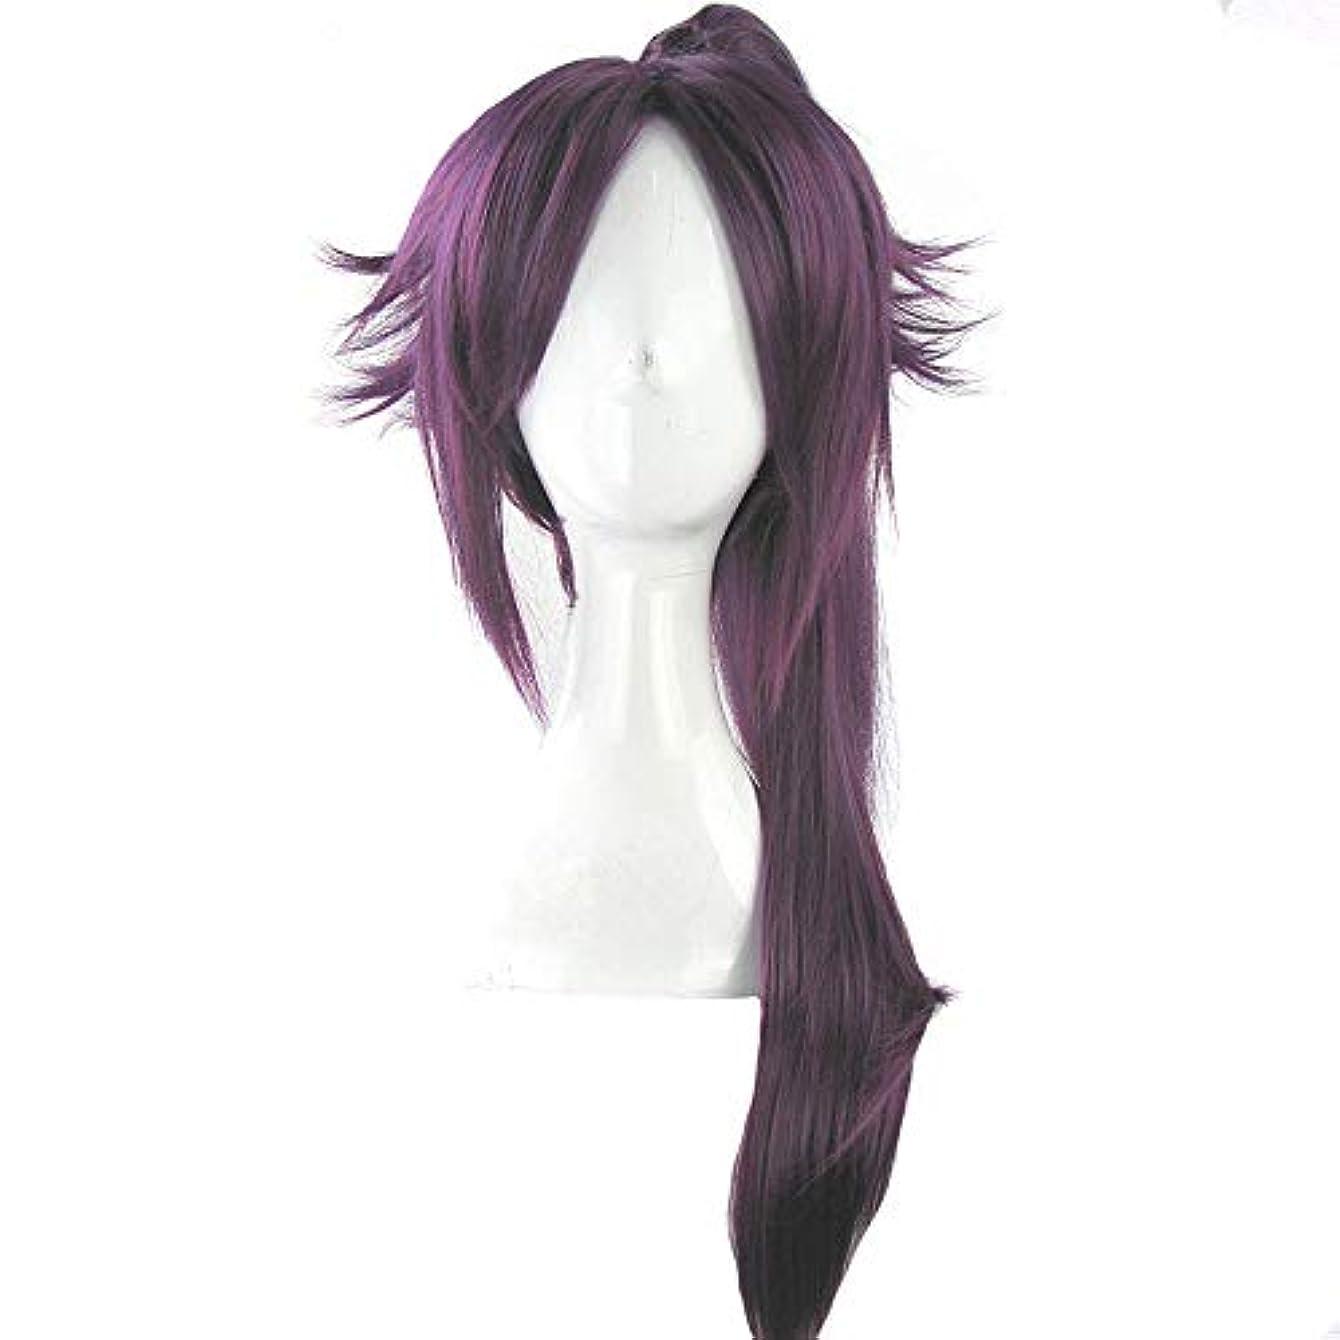 科学者率直なアシュリータファーマンかつら - ファッション長いストレート高温シルクウィッグ自然な柔らかなパーソナリティポニーテールフリー形状ハロウィーンボールの役割を果たす70cmの紫色に適して (色 : Purple, サイズ さいず : 70cm)